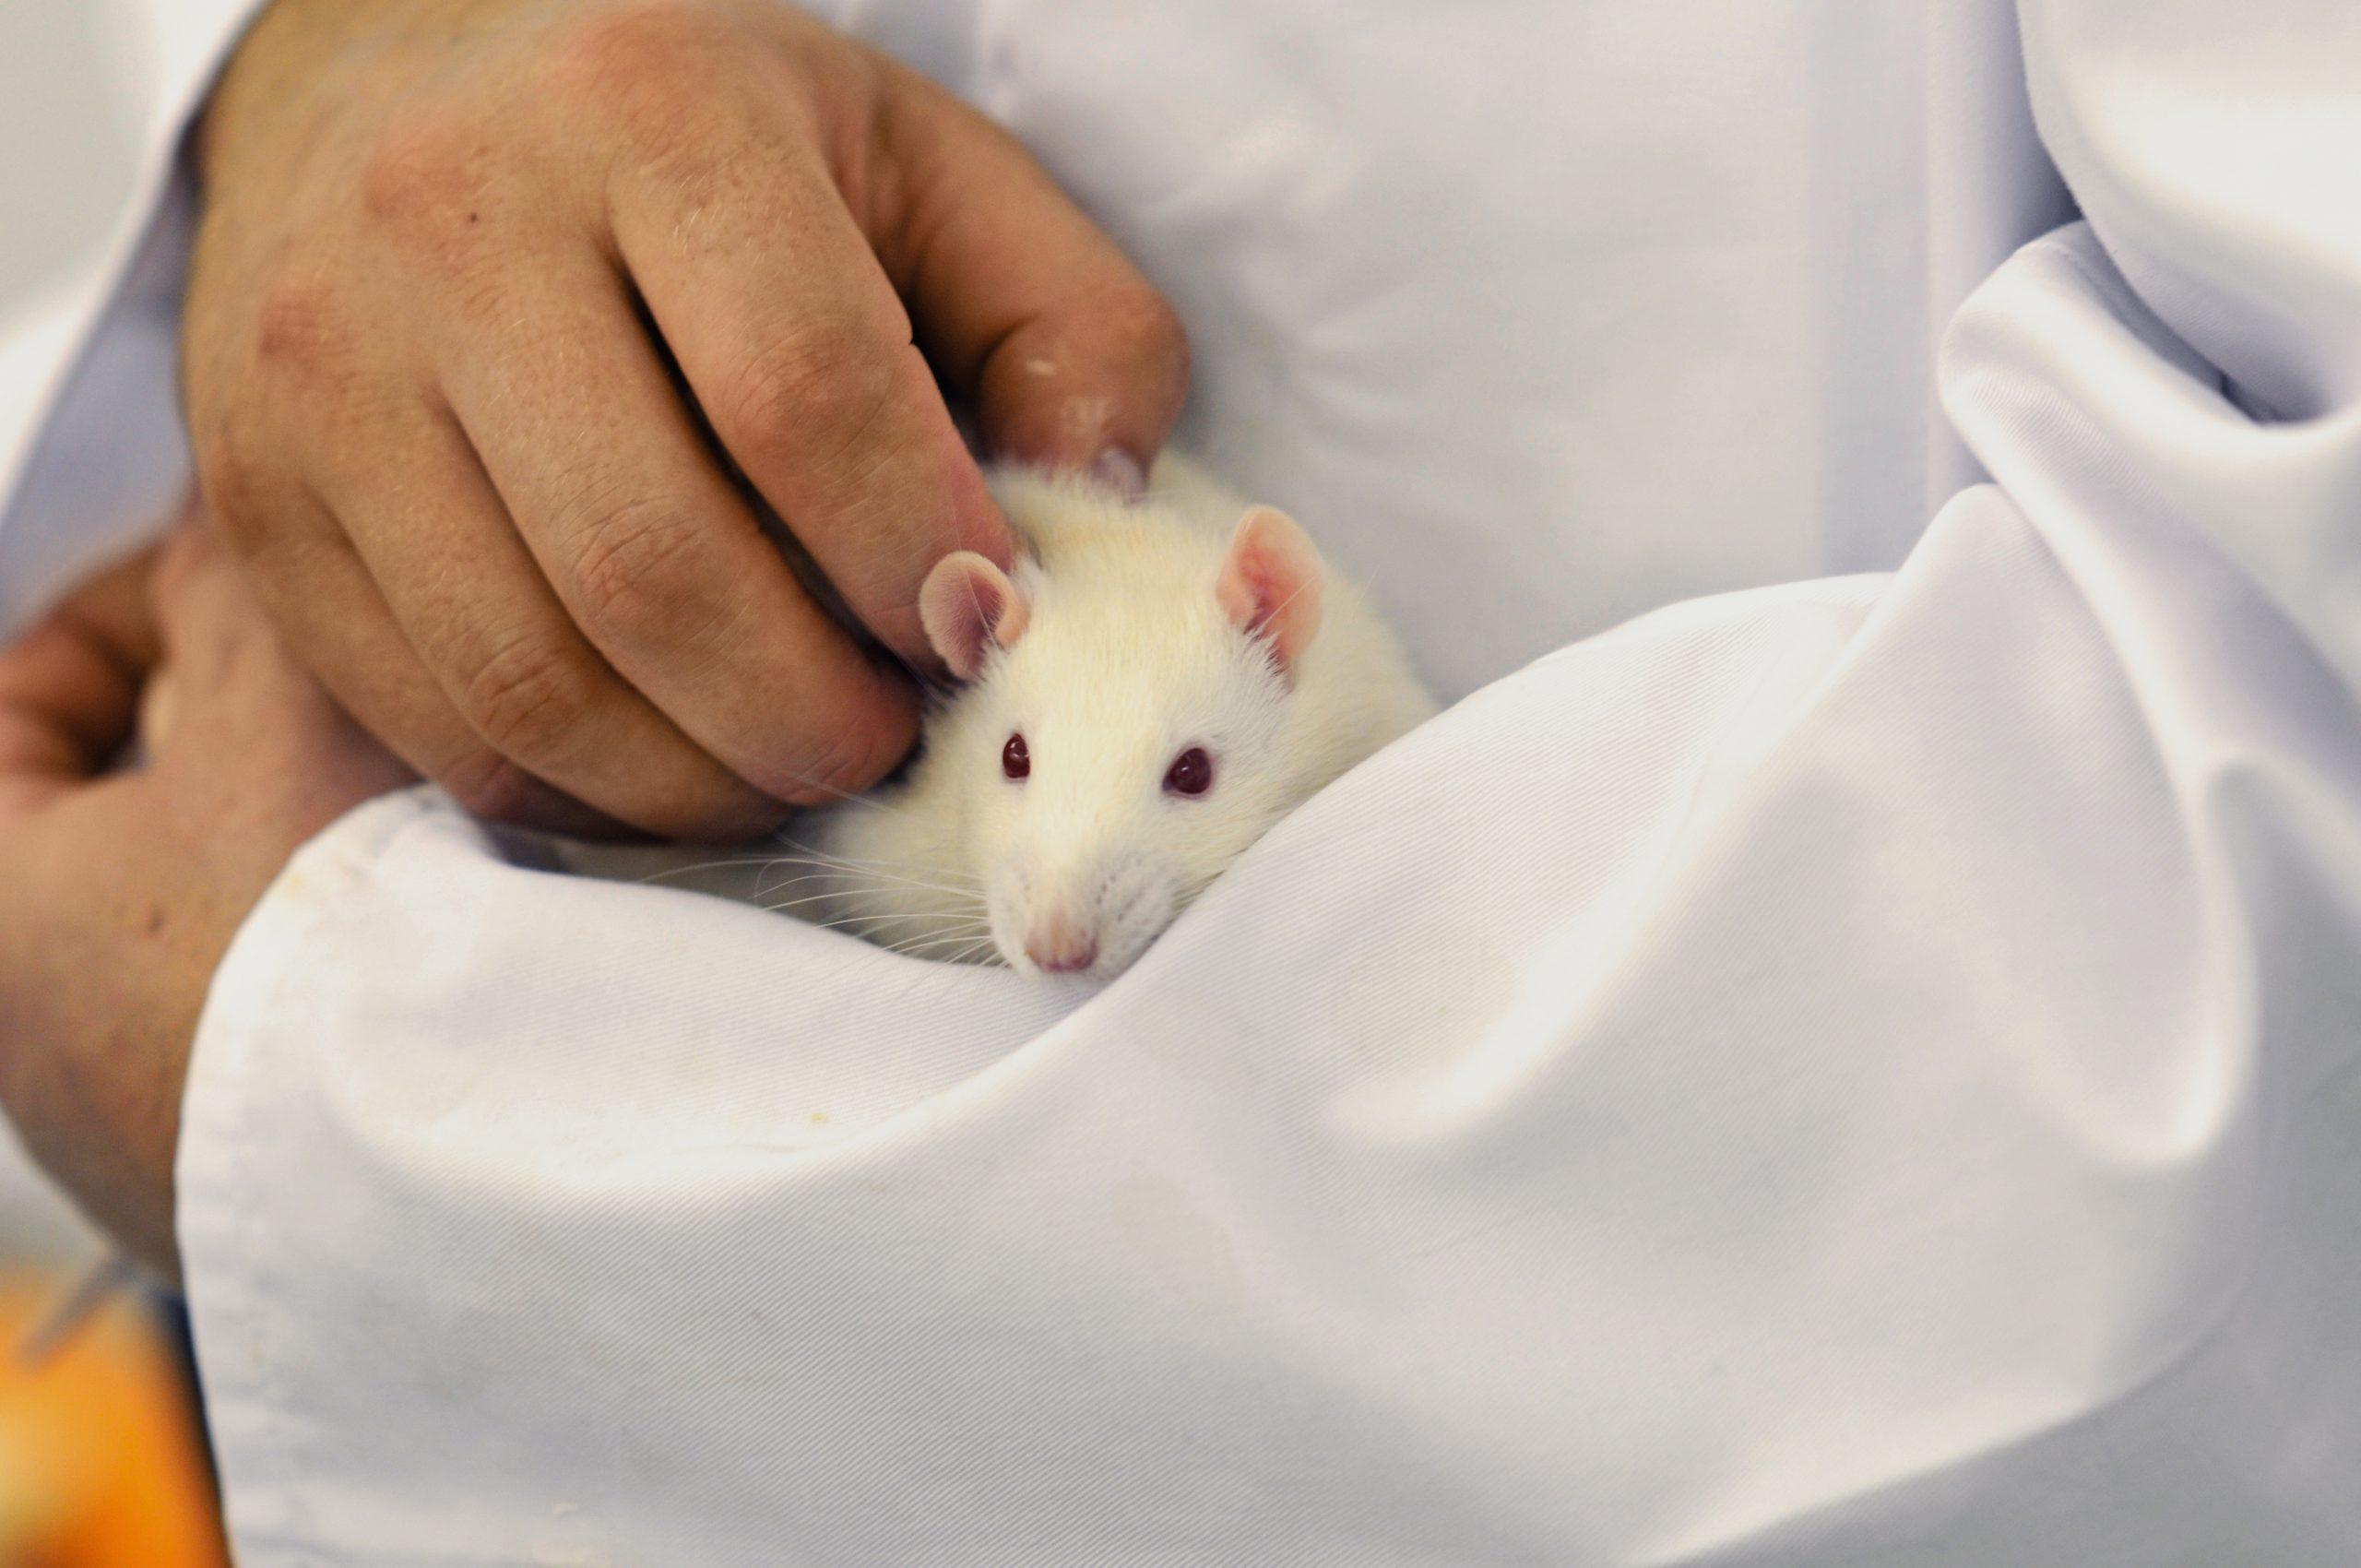 Ein Forscher hält eine weiße Ratte auf dem Arm und krault sie.